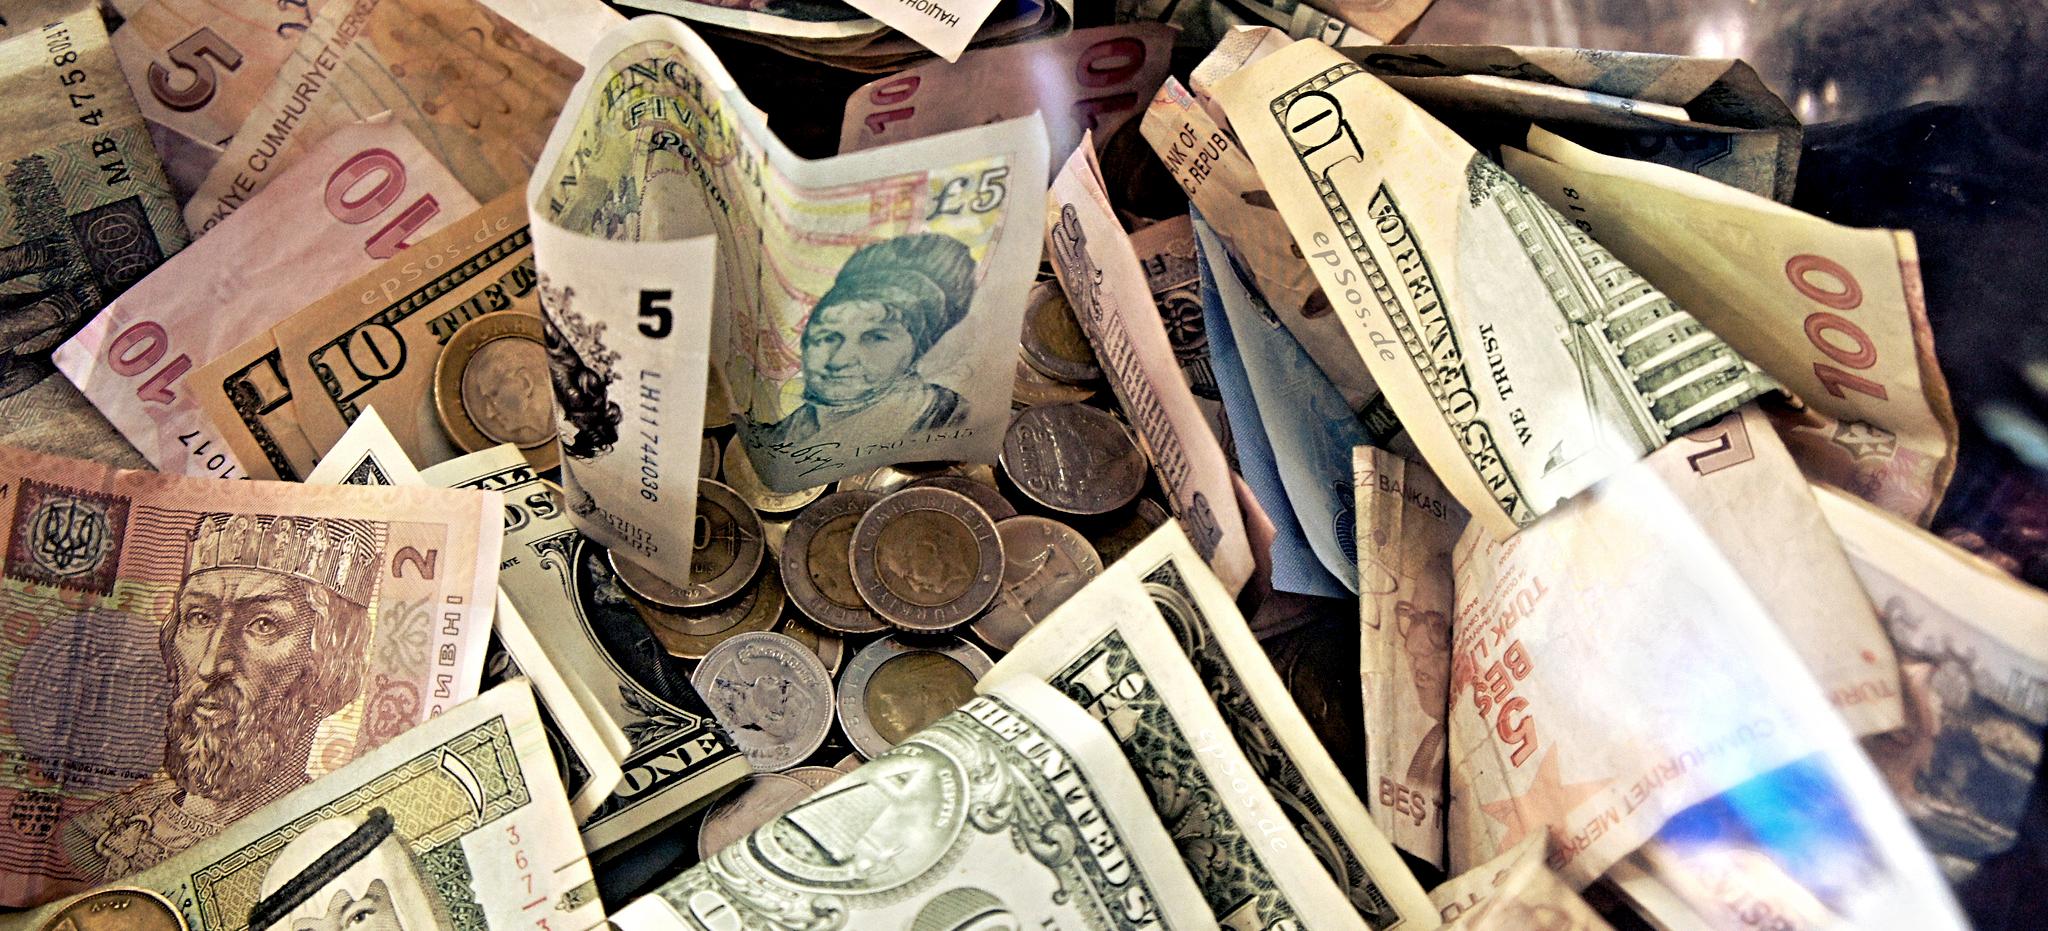 Money_different-currencies_880-400